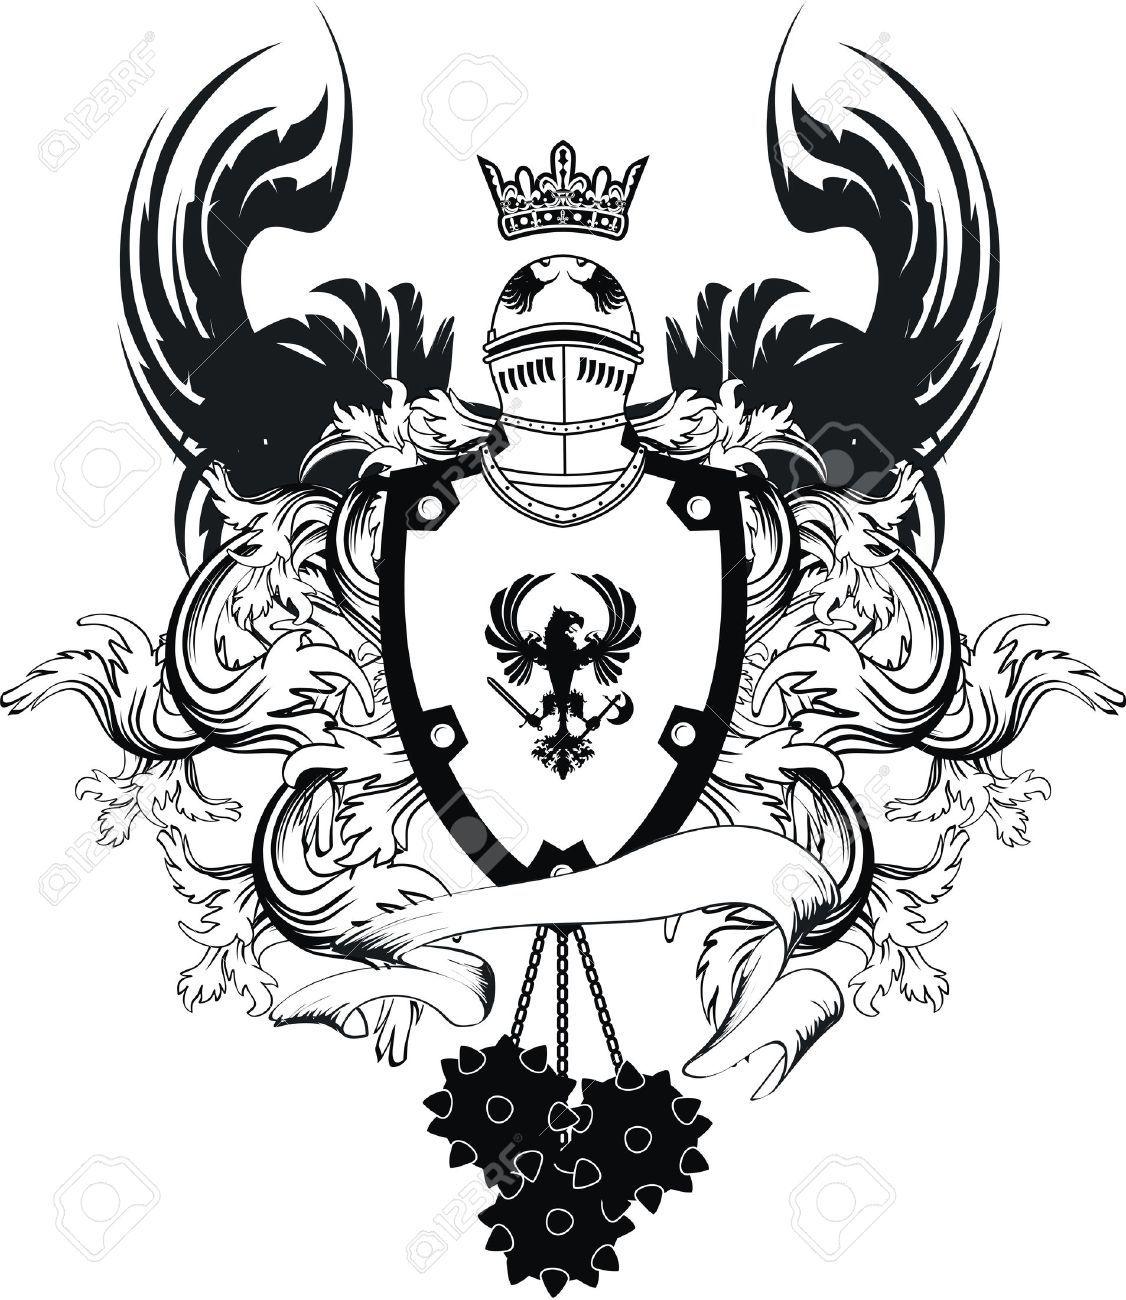 Cascos medievales en heraldica buscar con google logo cascos medievales en heraldica buscar con google symbol logofamily crestcoat buycottarizona